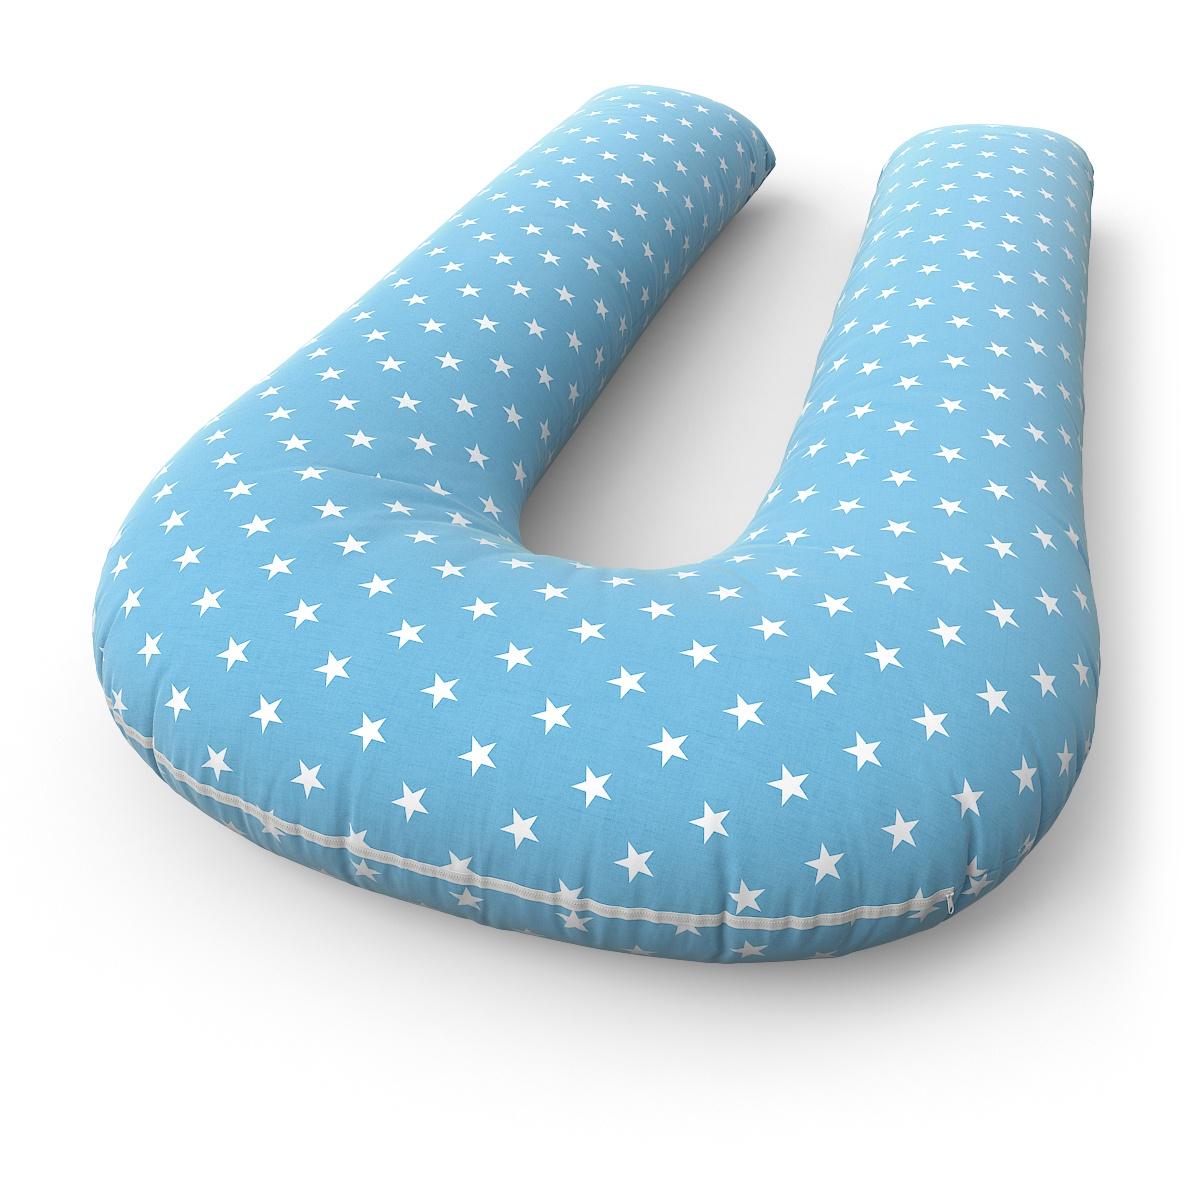 Наволочка Петербургский Уют на подушку для беременных и кормящих формы U Stars Blue